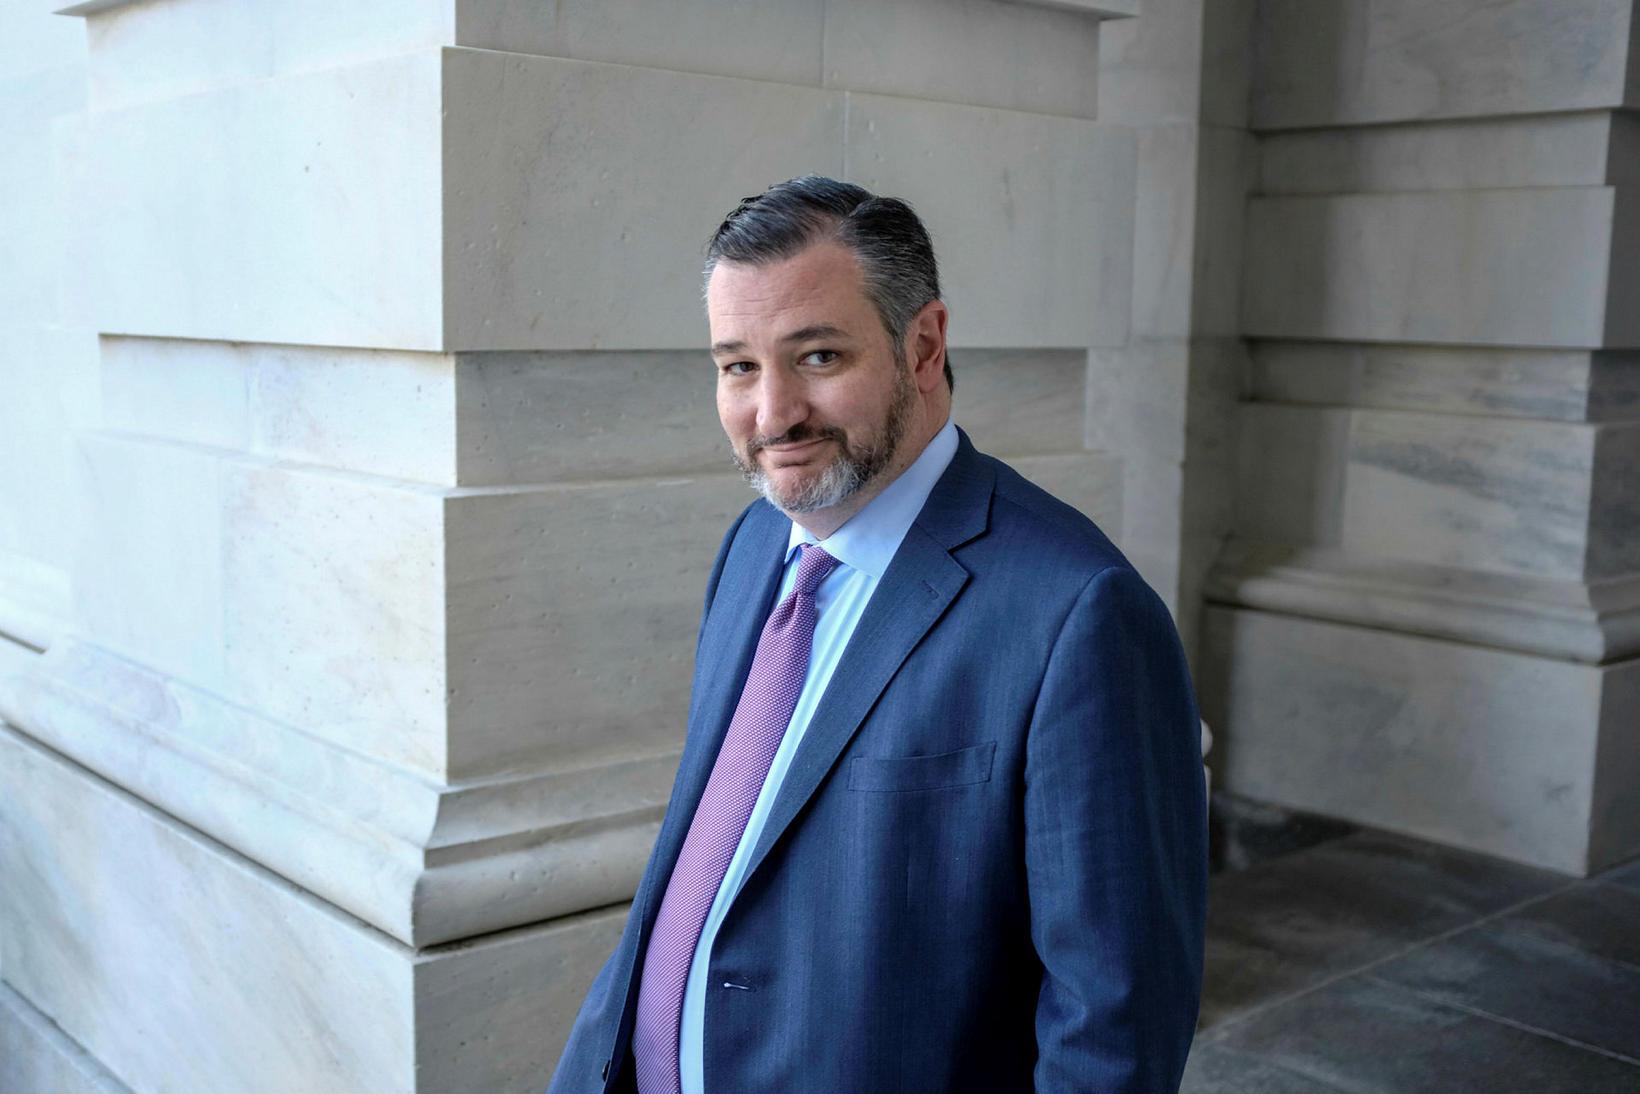 Ted Cruz er þingmaður Texas-ríkis.